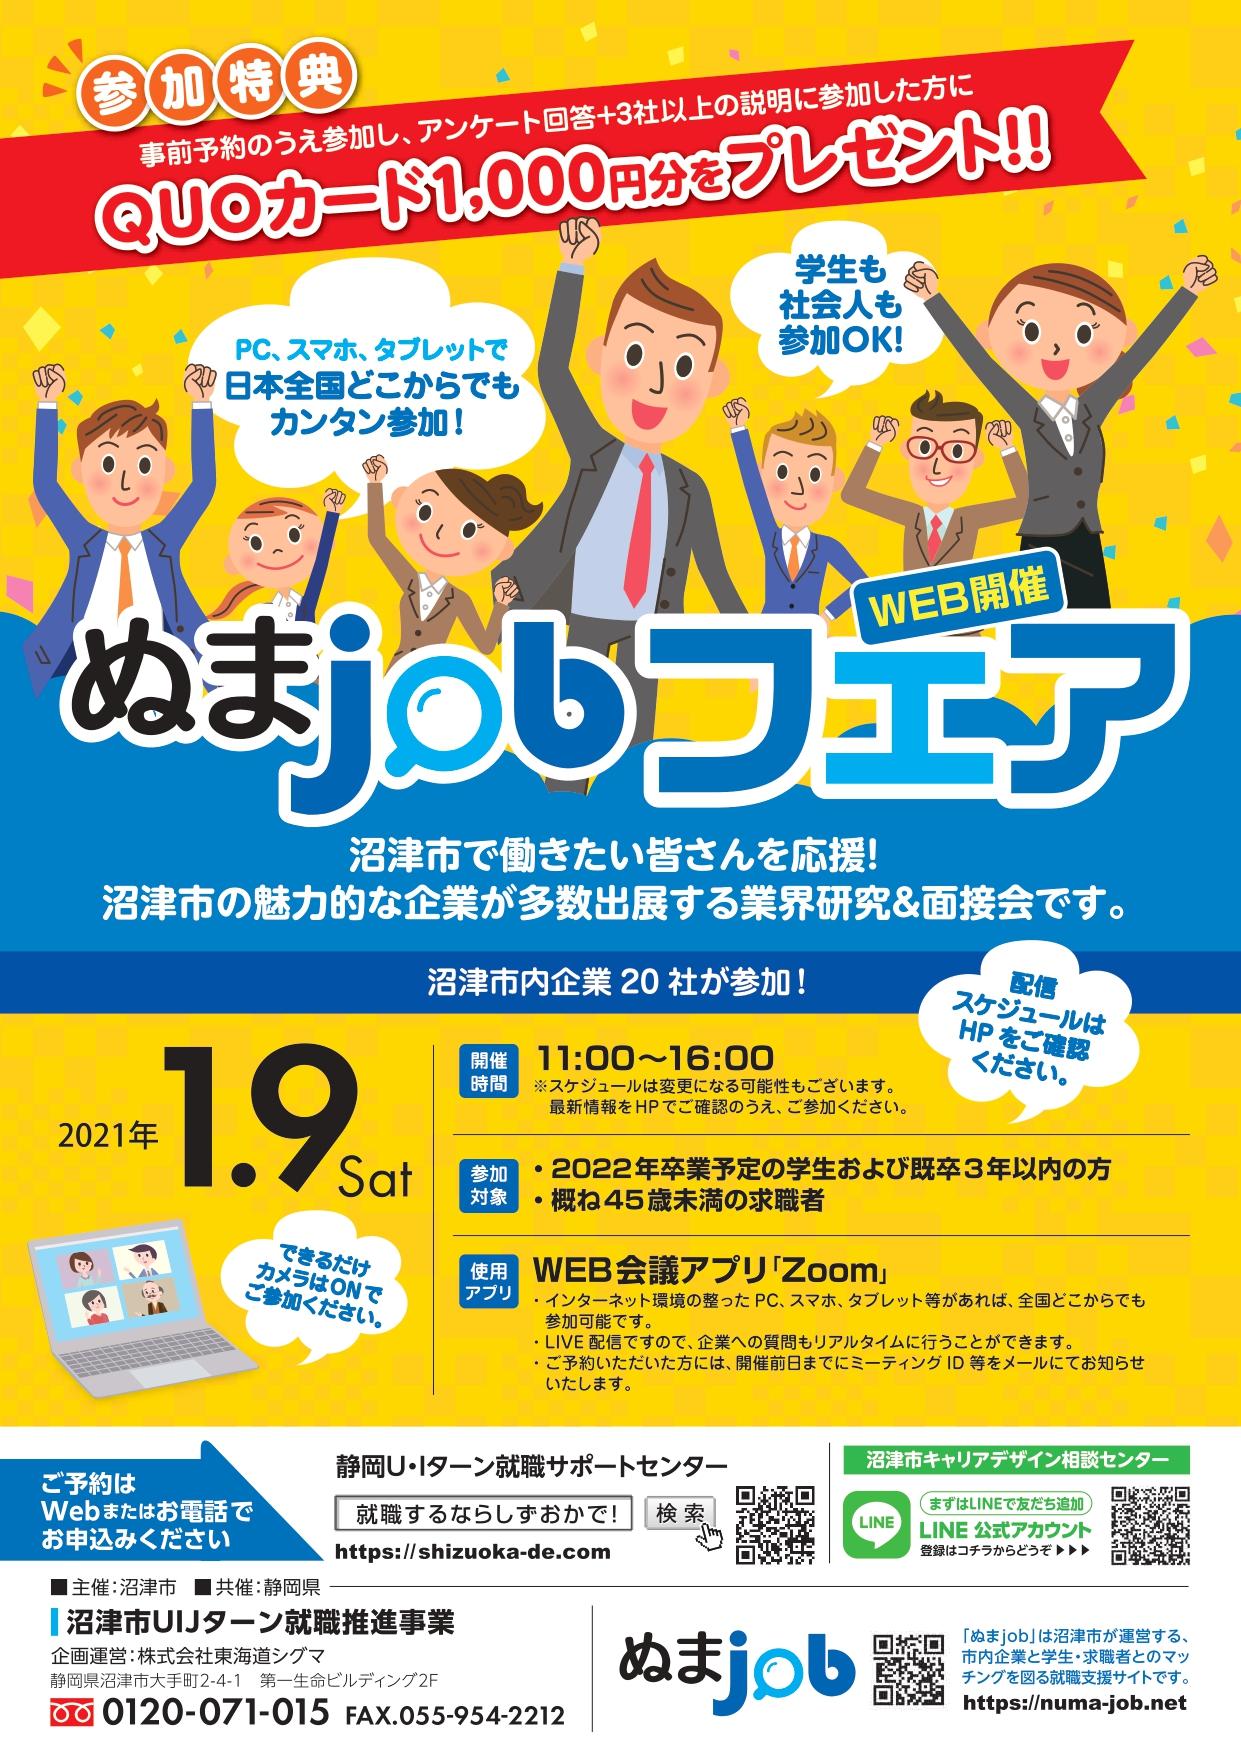 1月9日(土)ぬまjobフェア【オンライン】に出展します